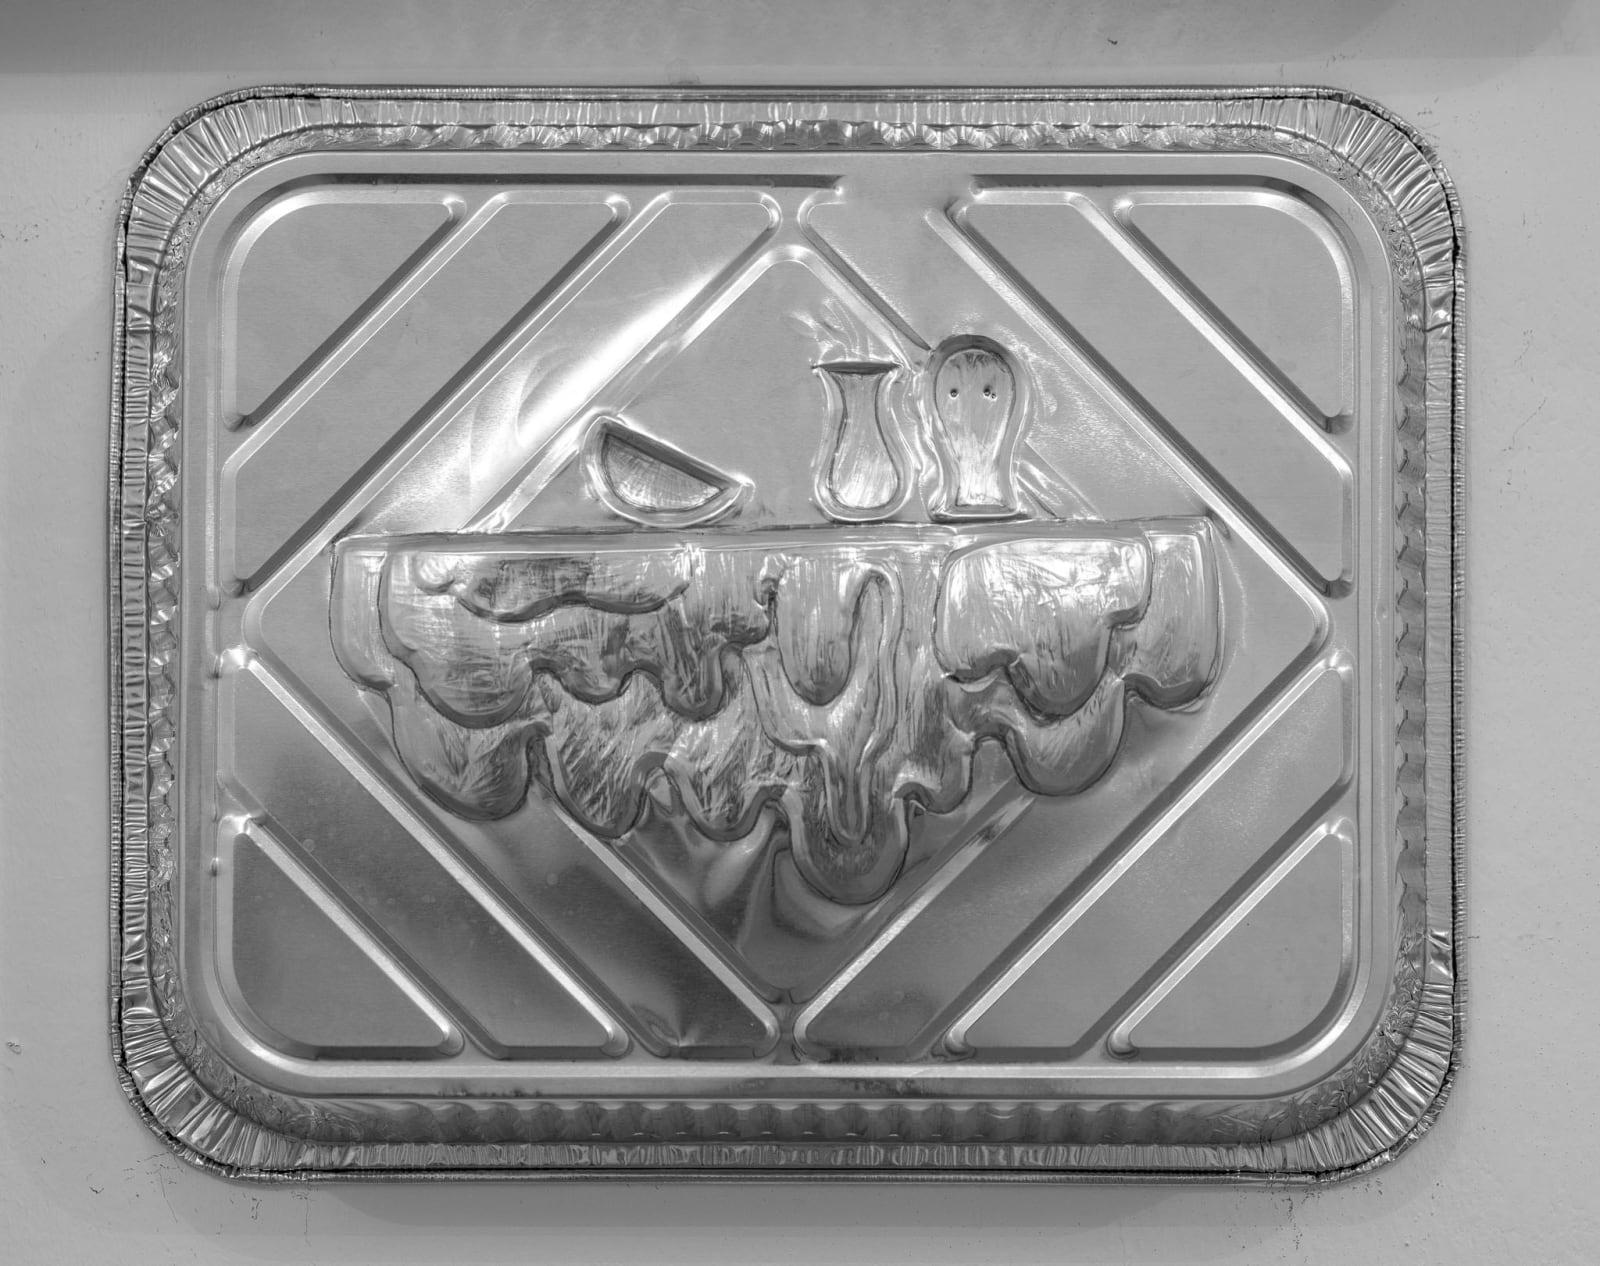 Anna Hulacova, Untitled, 2017, aluminium tray, cm 26 x 32 x 7